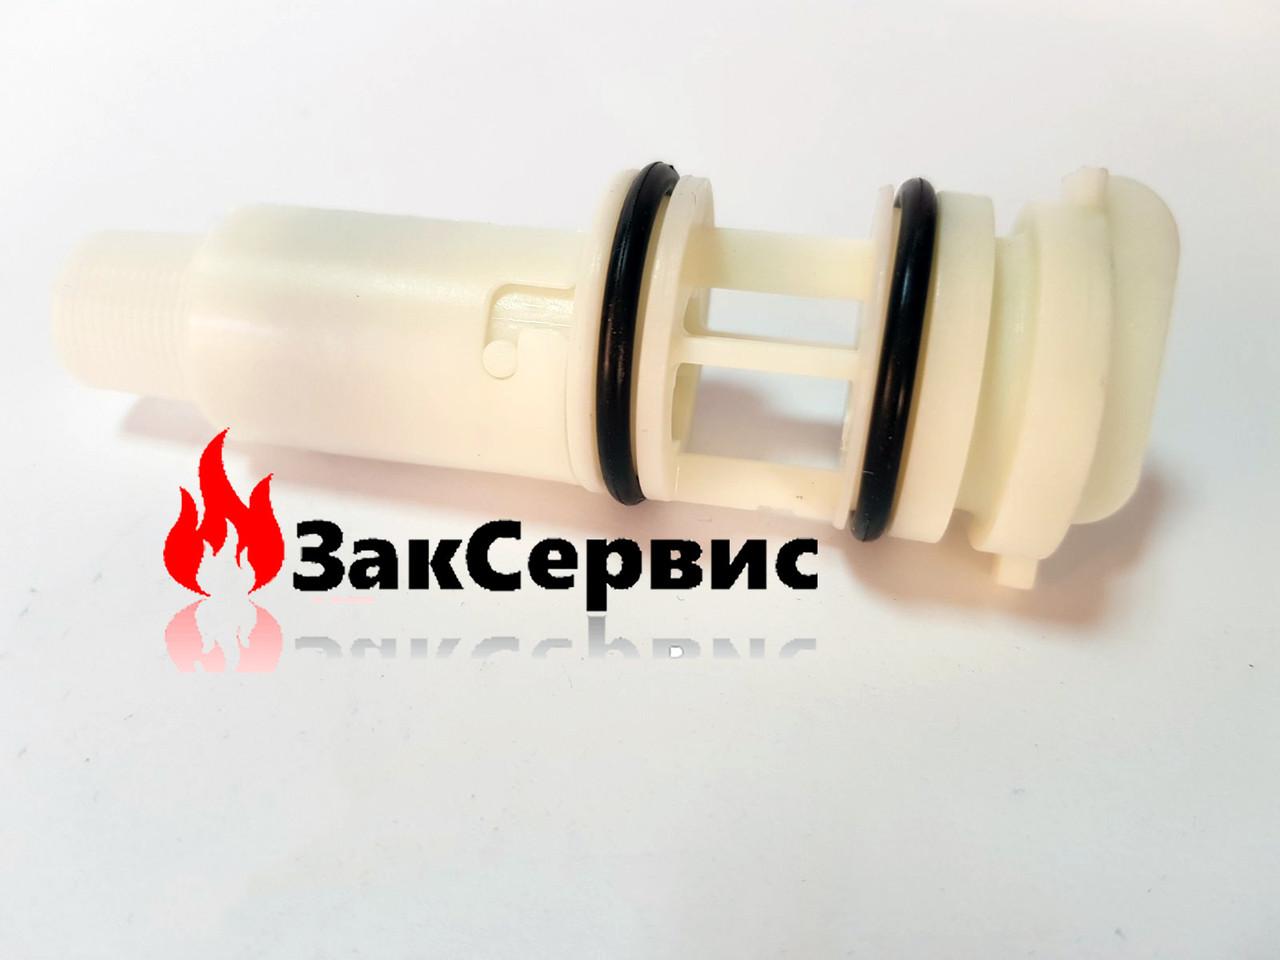 Датчика протока с фильтром и турбиной в сборе на газовый котел Baxi Eco 4, Westen Pulsar D 710048100